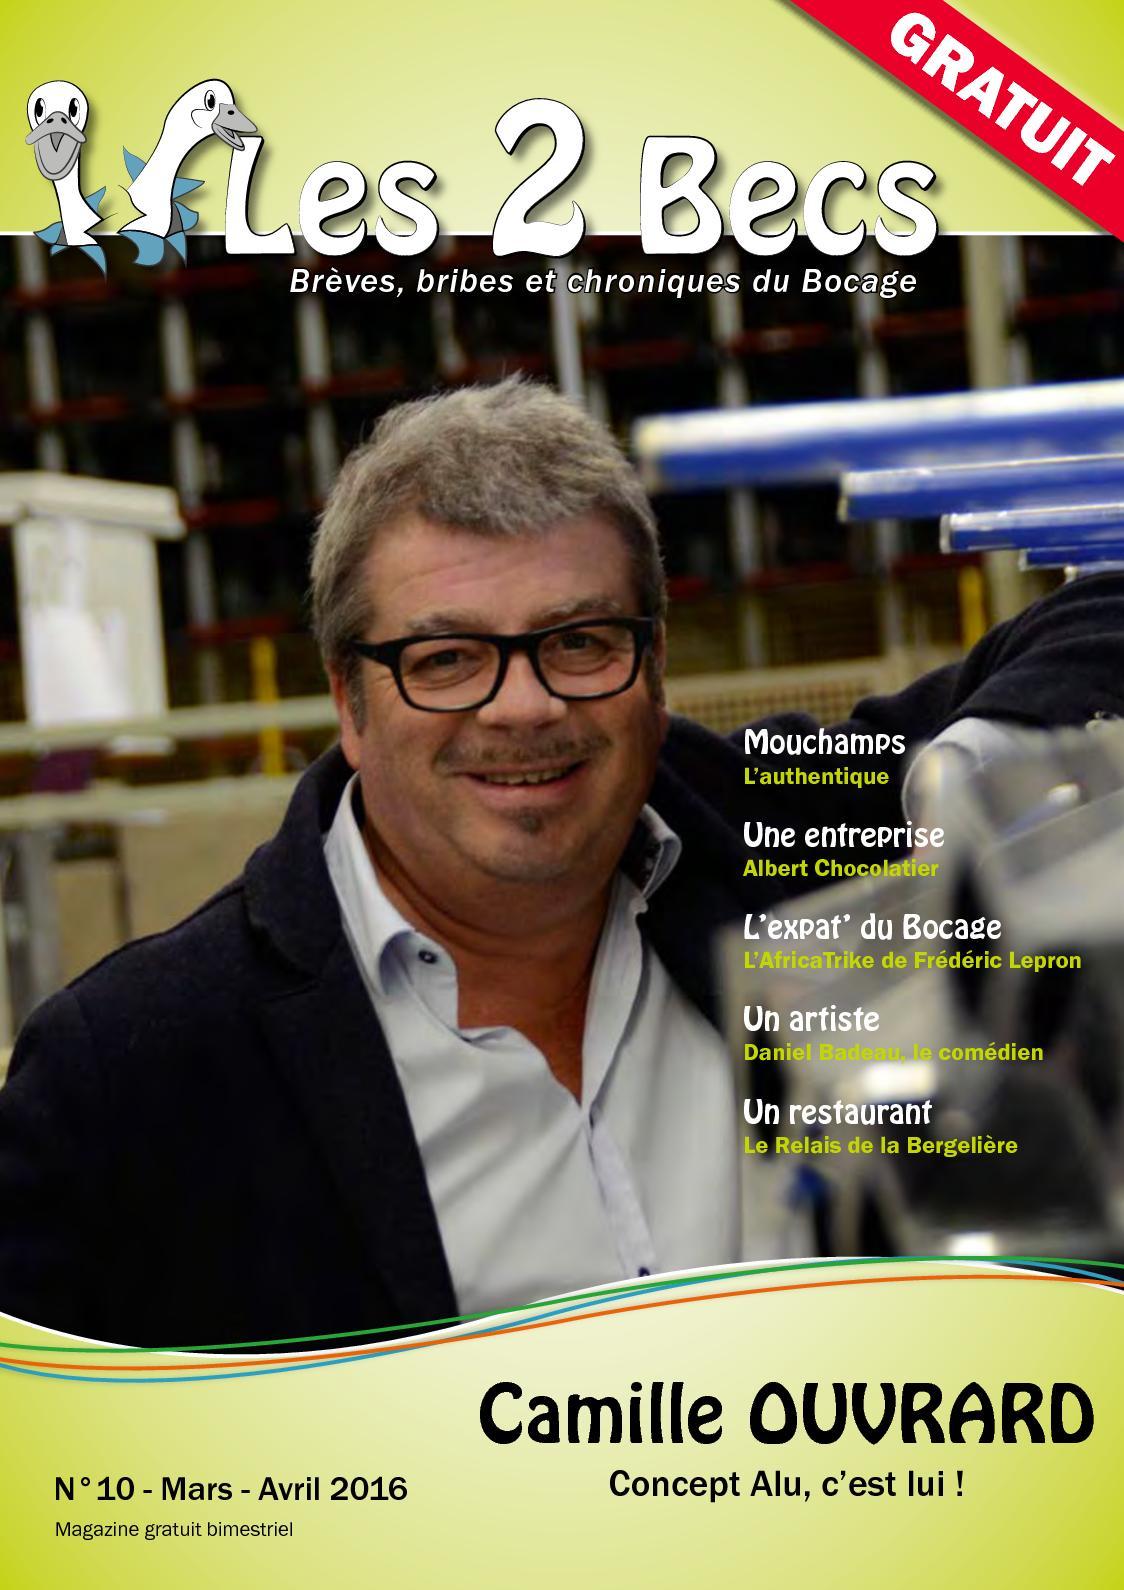 Concept Alu Les Herbiers calaméo - les 2 becs n°10